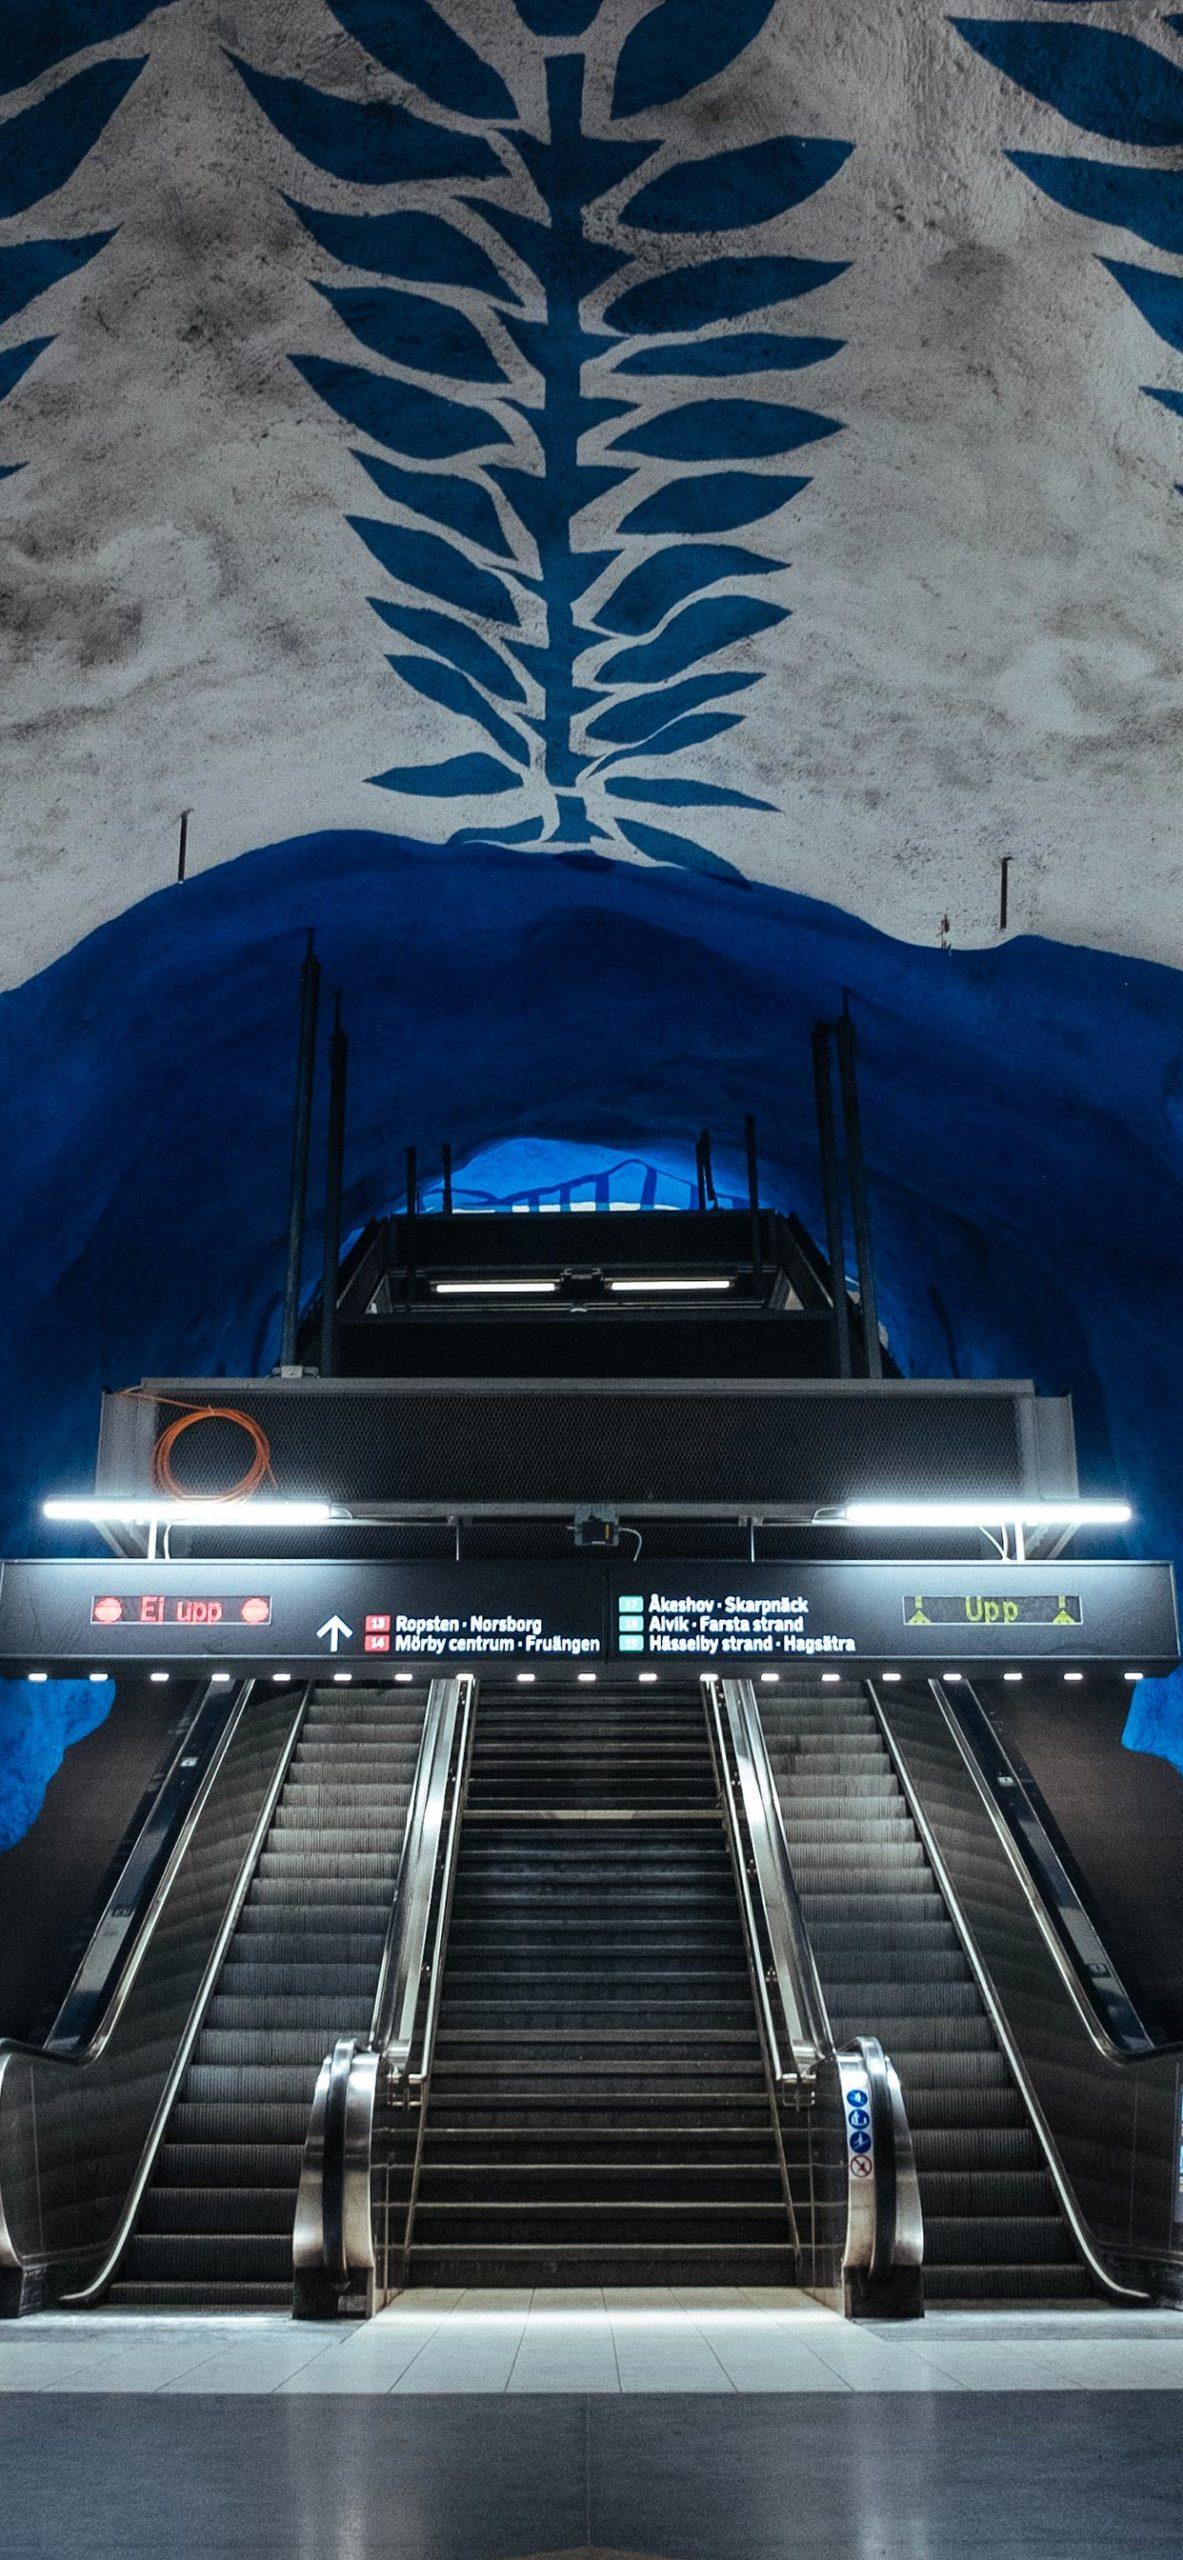 iphone wallpaper uk subway scaled Subway